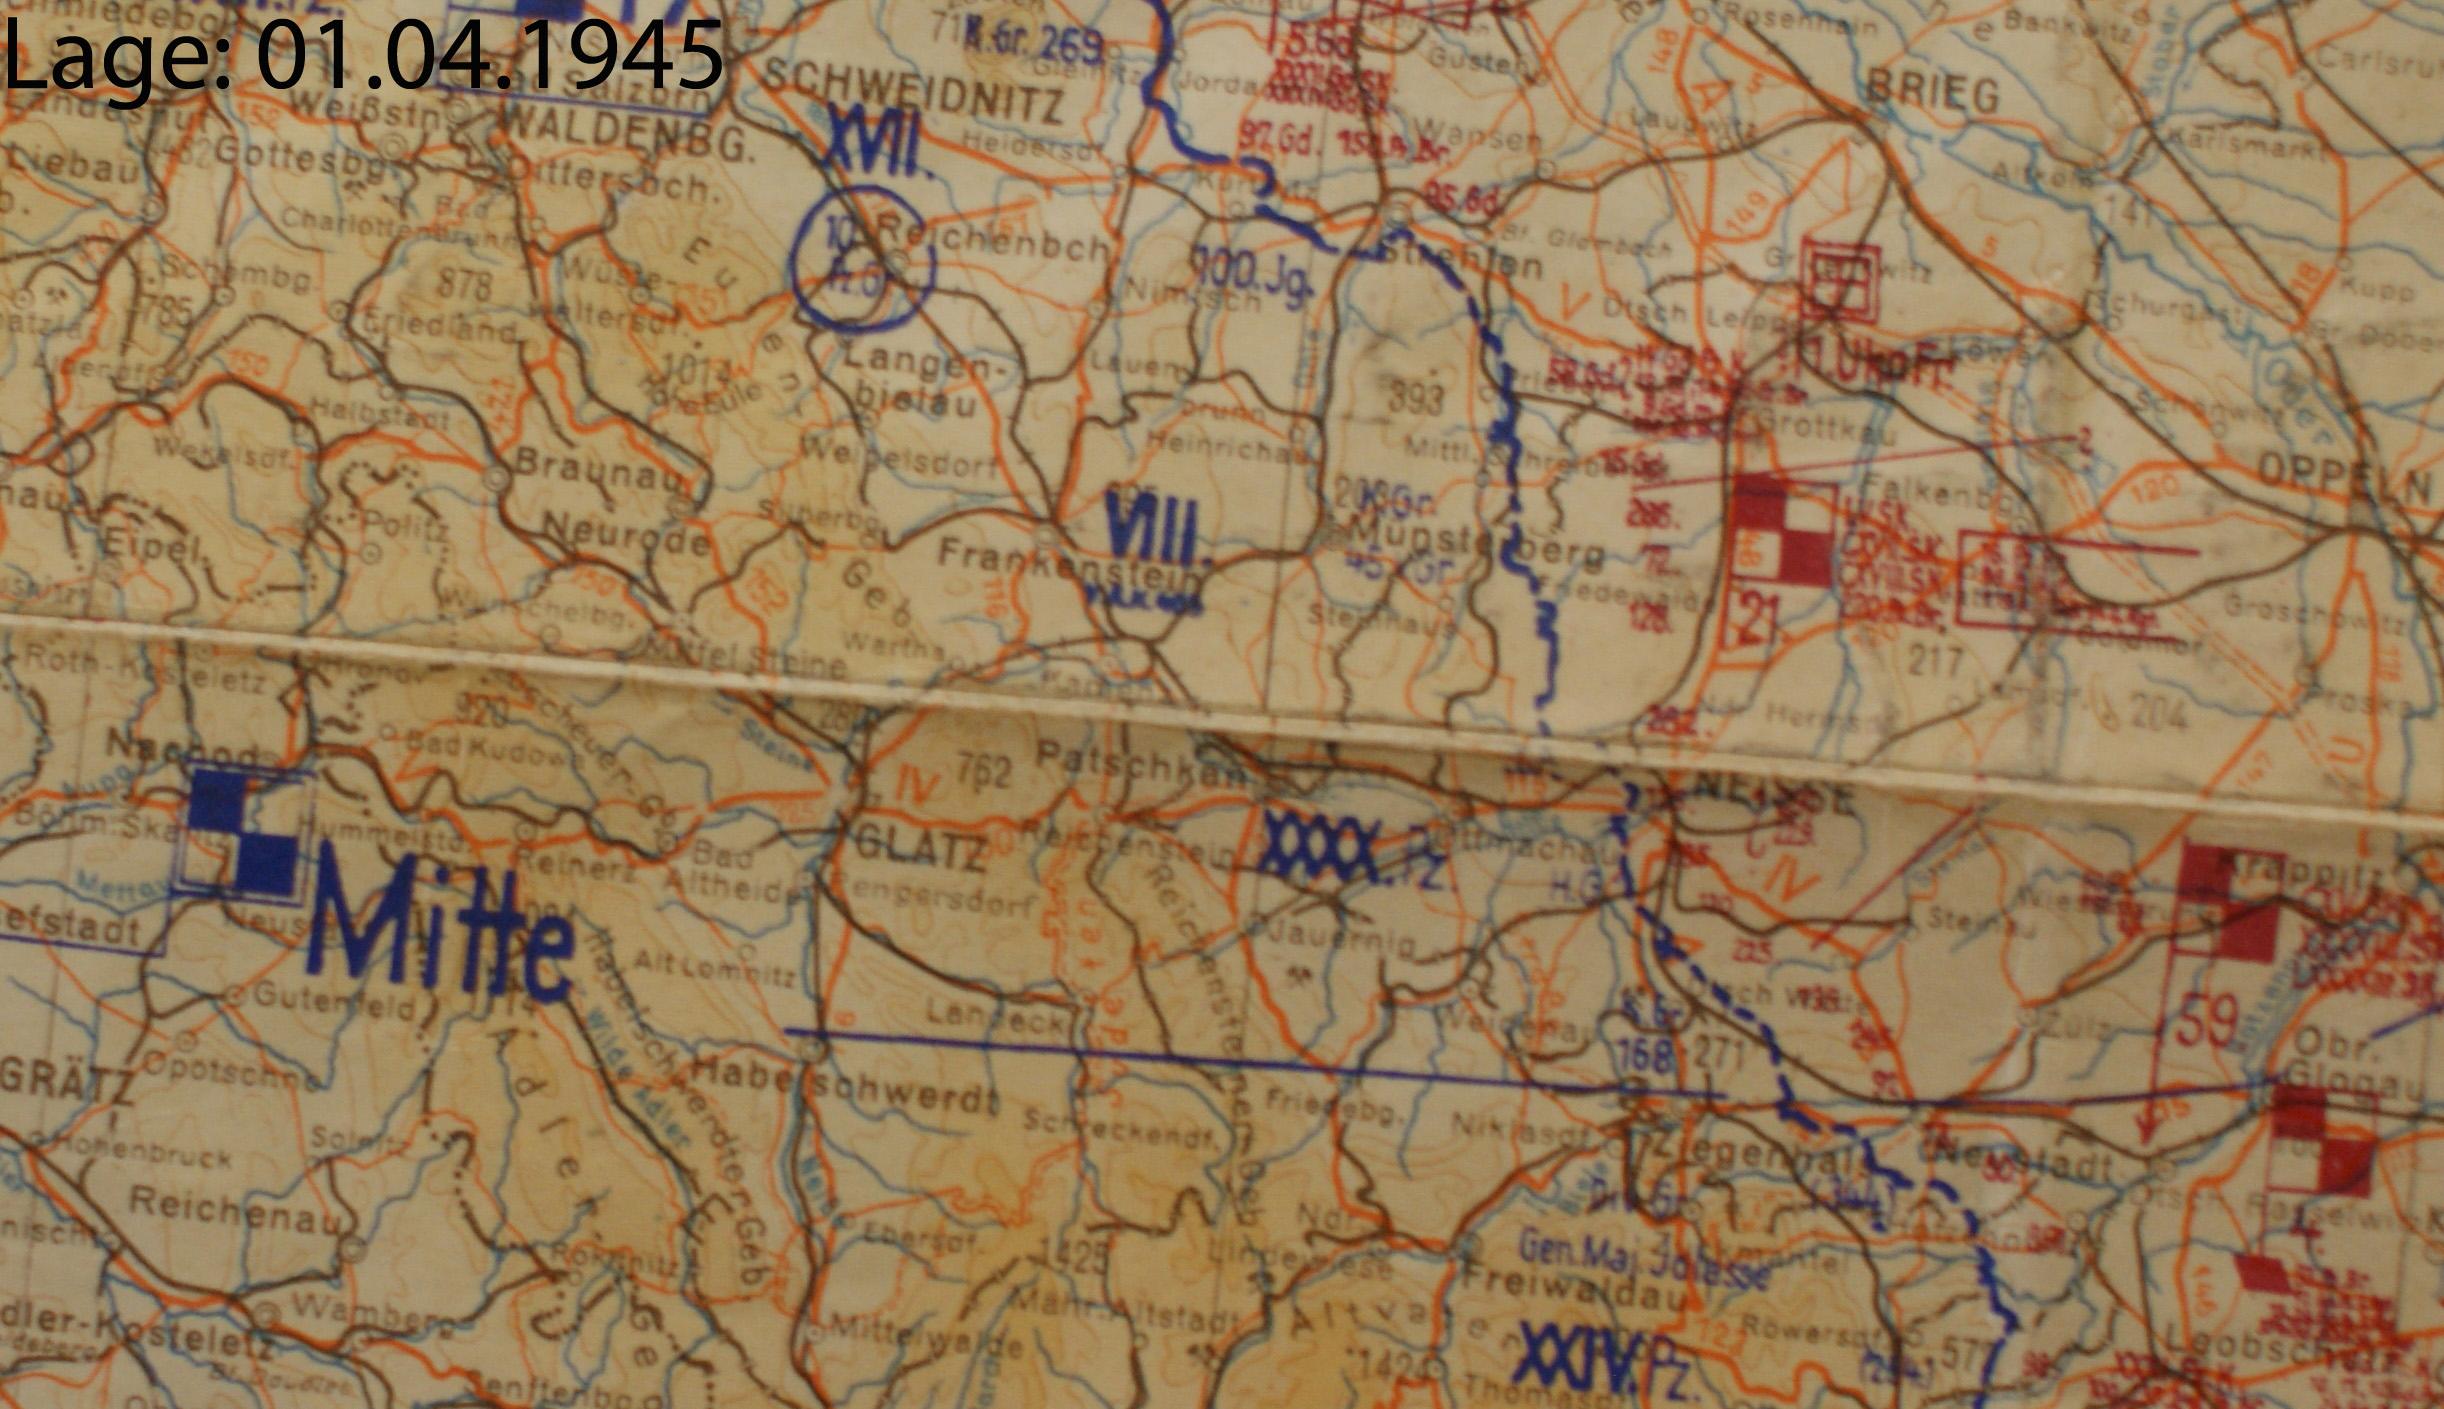 VIII. Armeekorps - Lexikon der Wehrmacht